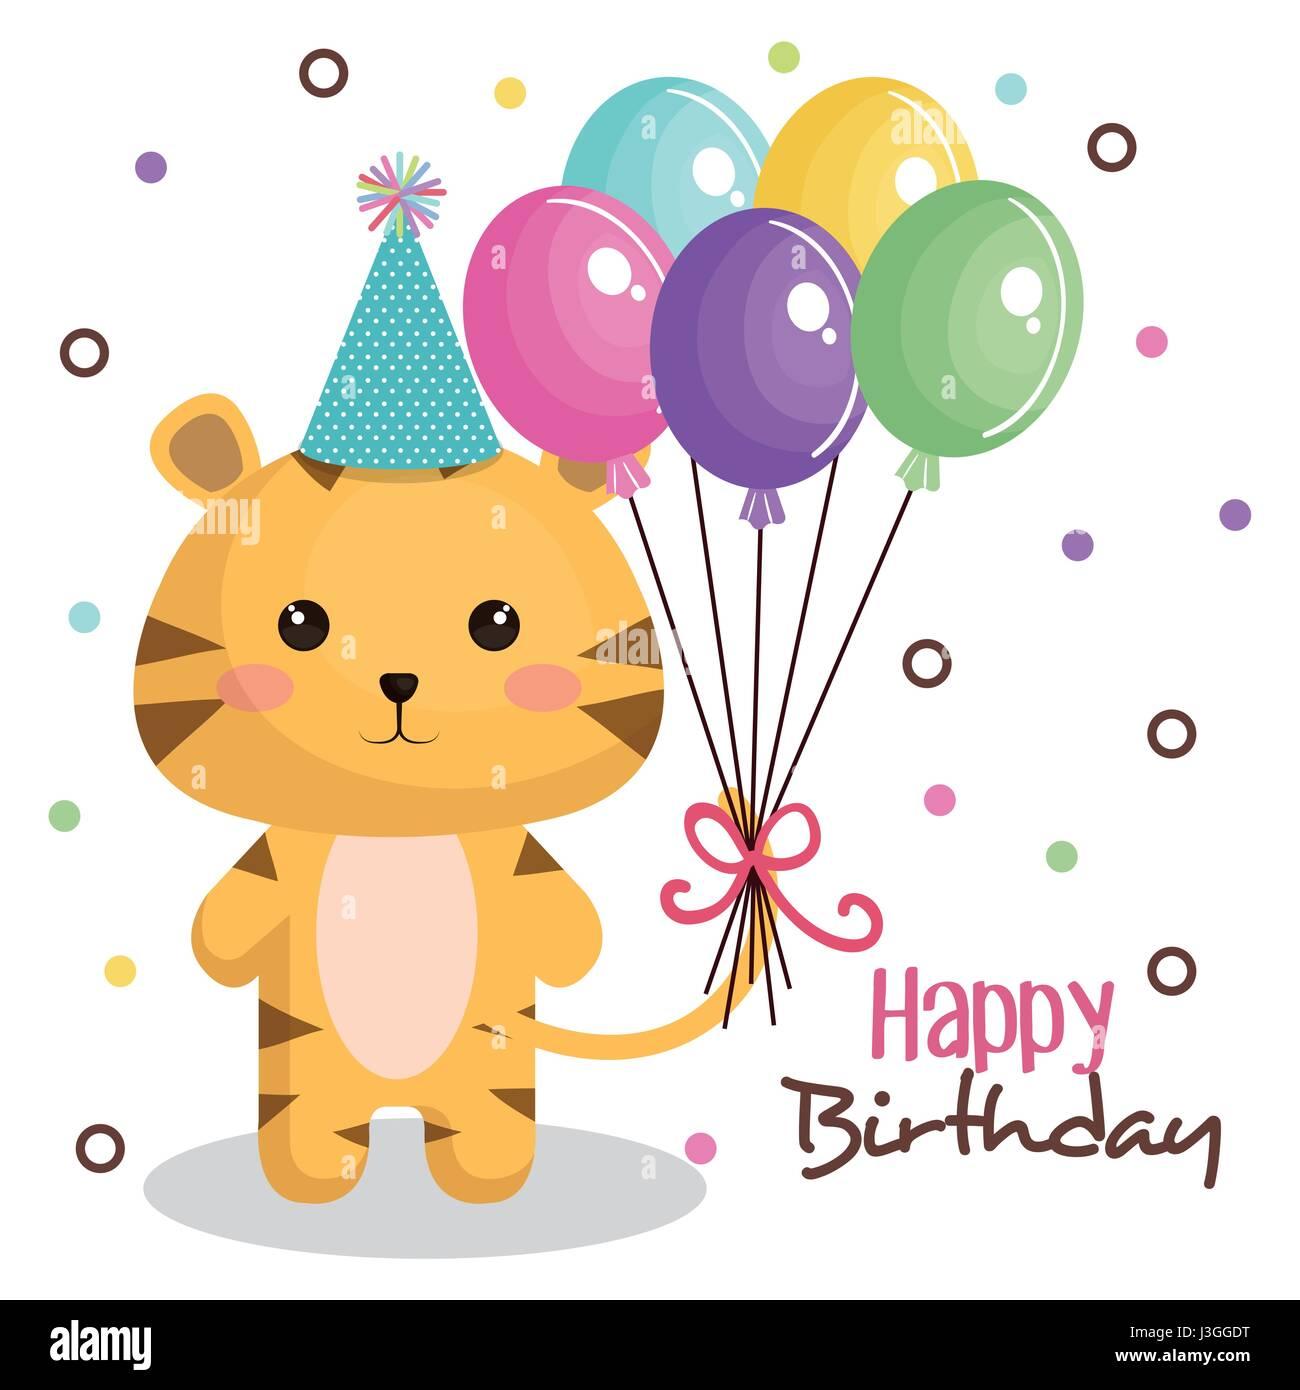 Buon compleanno card con tender animale Immagini Stock